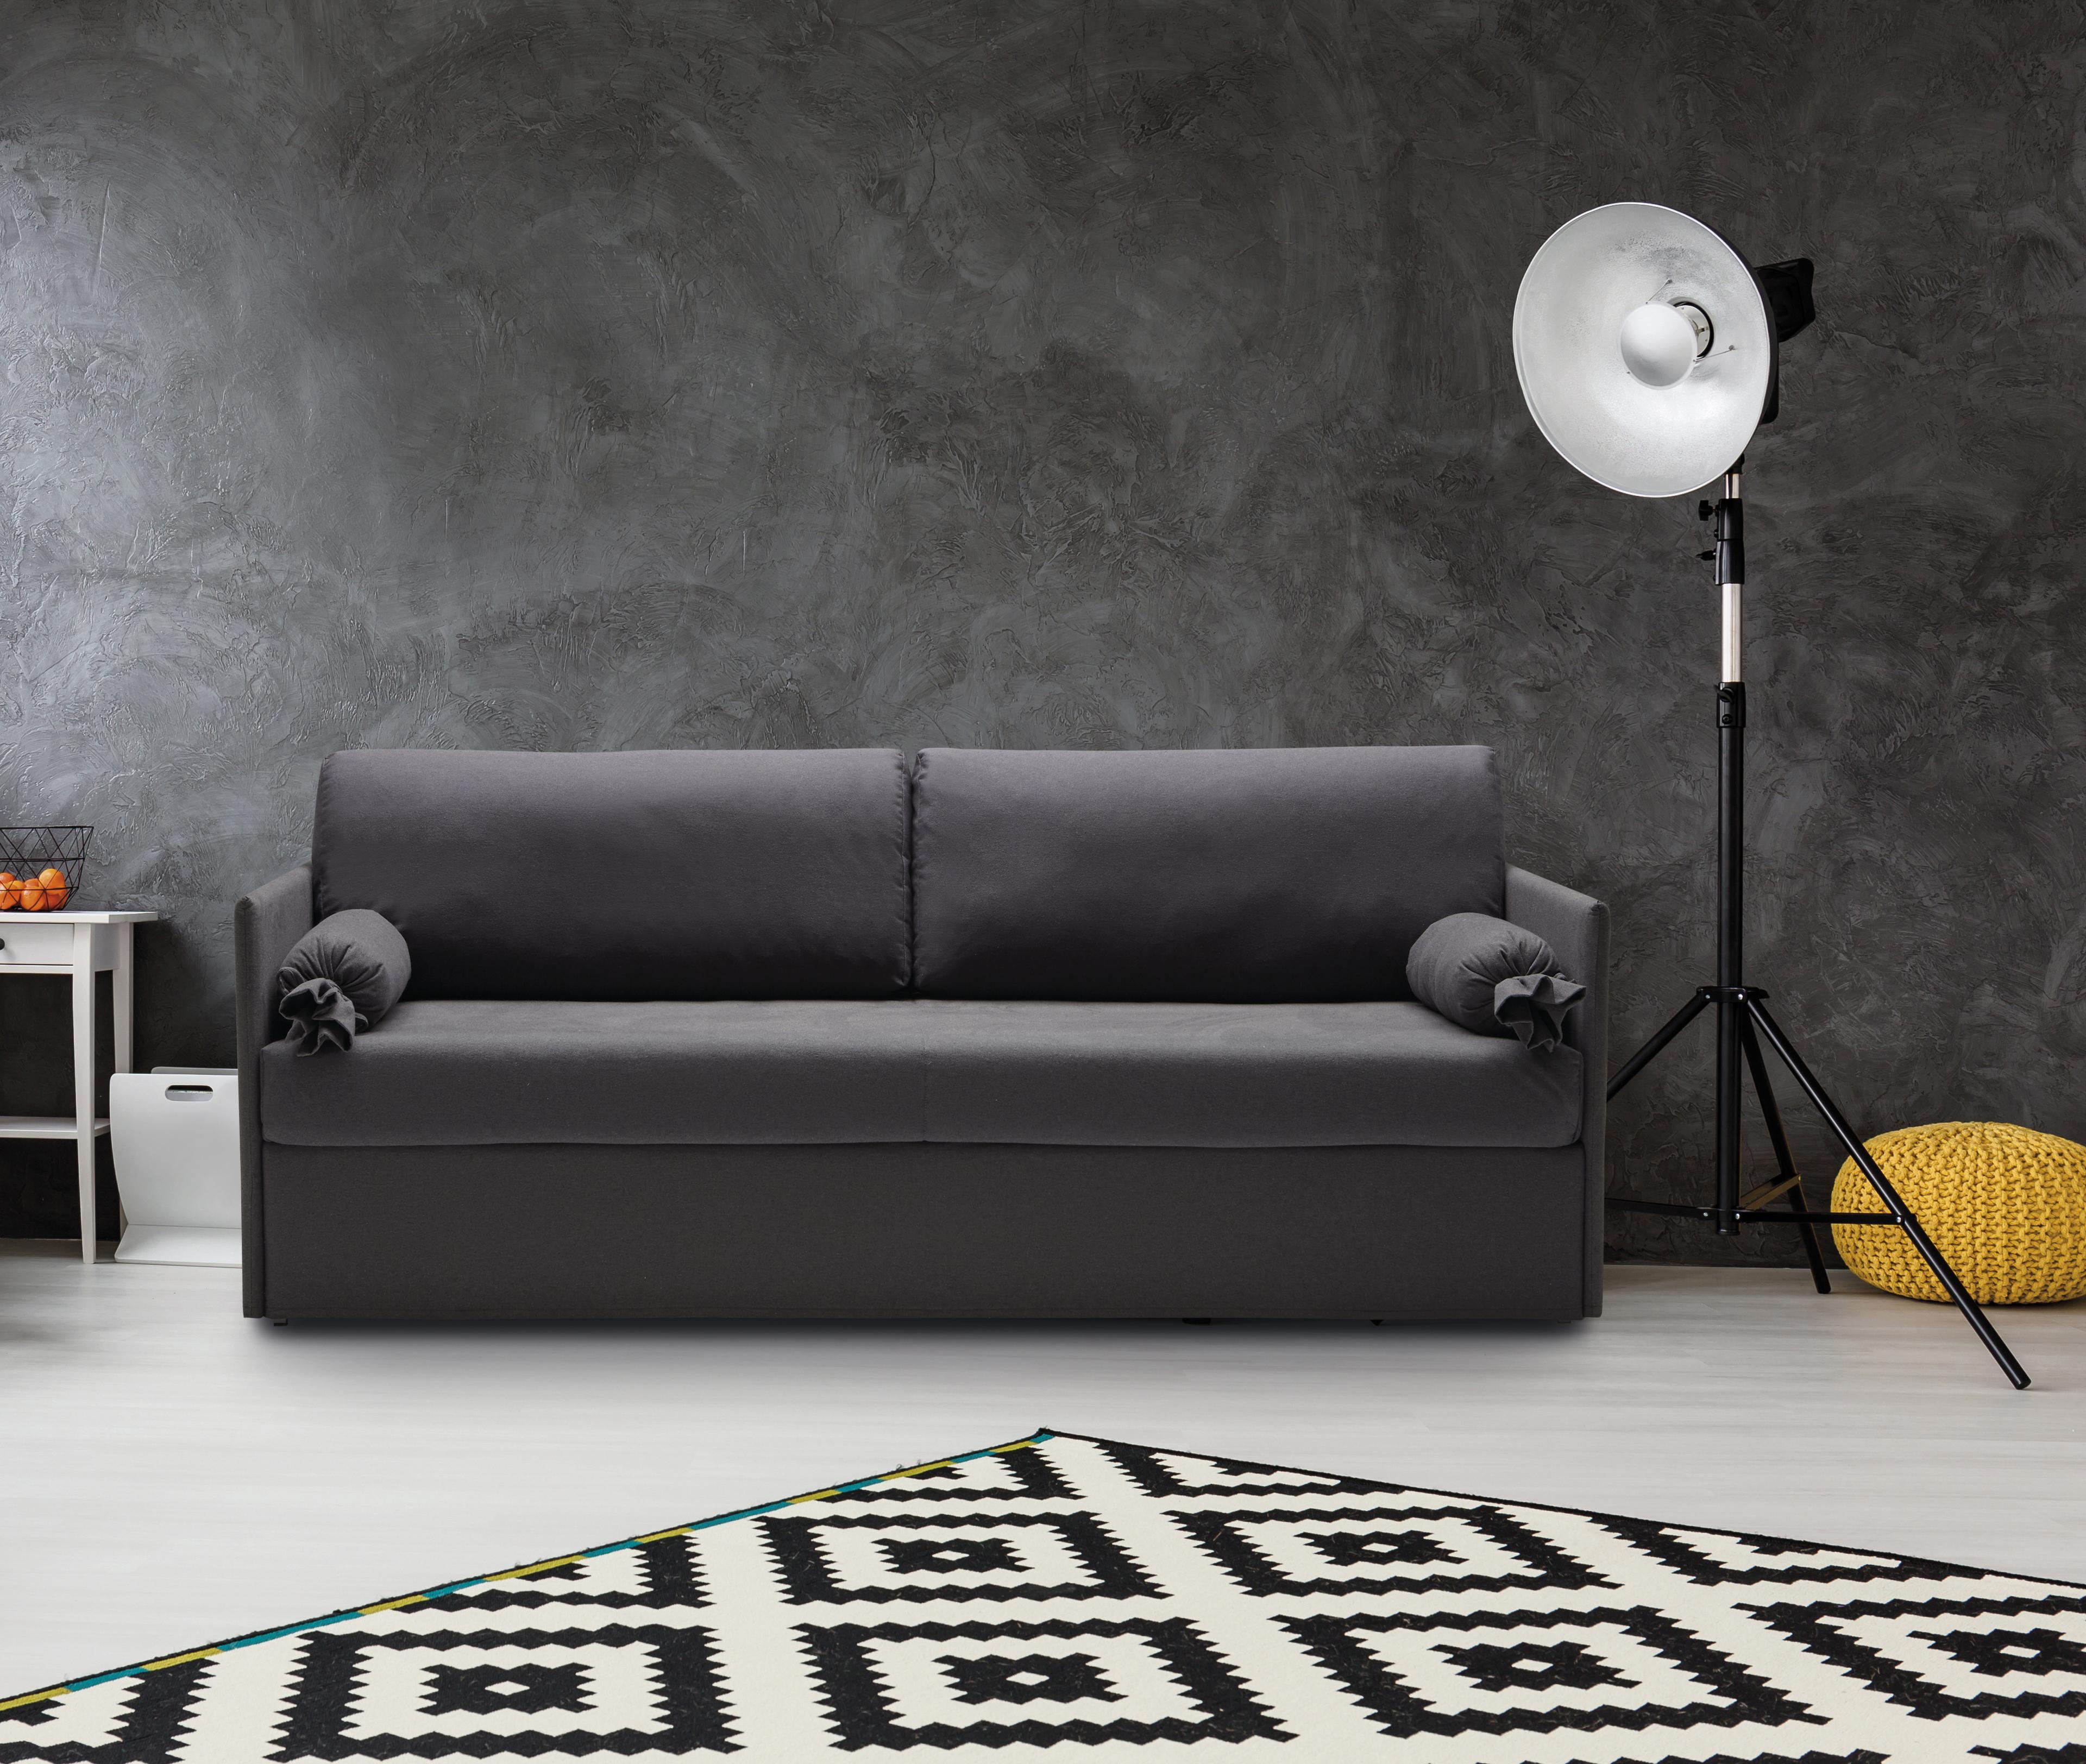 achetez un canap lit gigogne jack milano bedding chez vestibule paris. Black Bedroom Furniture Sets. Home Design Ideas